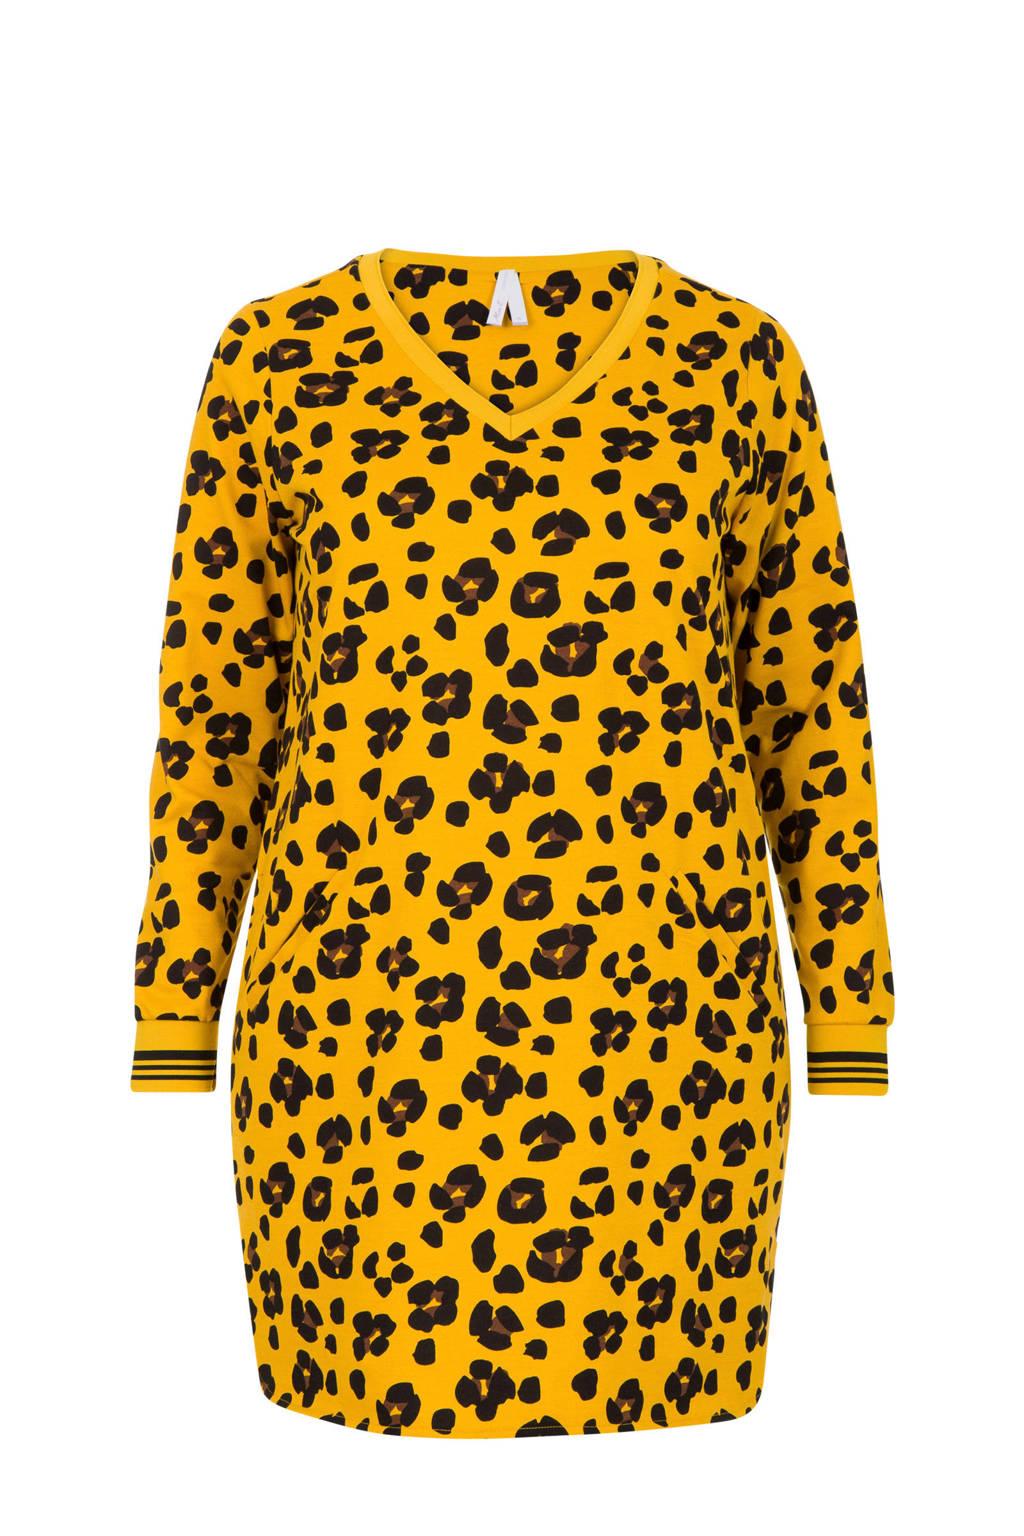 Miss Etam Plus lange sweater met panterprint geel, Geel